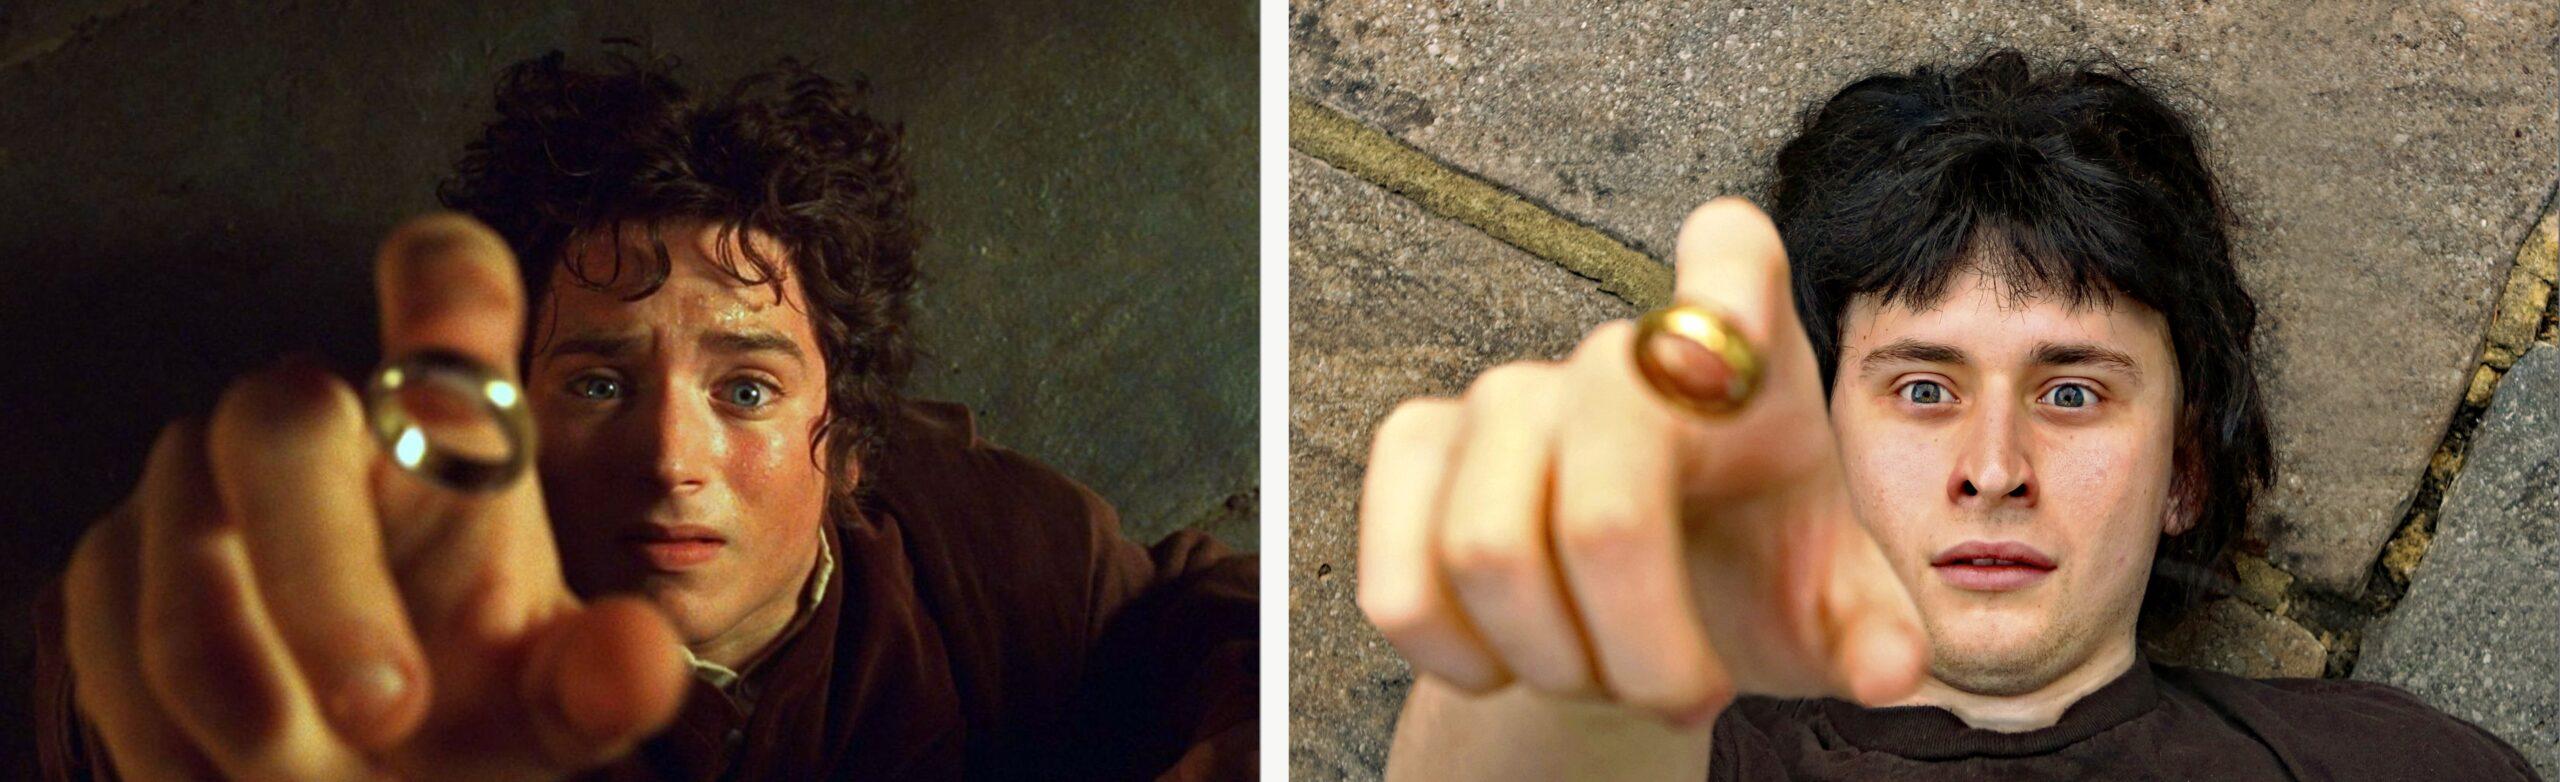 Frodo Baggins Invisibility  / Aidan Baggins Invisibility